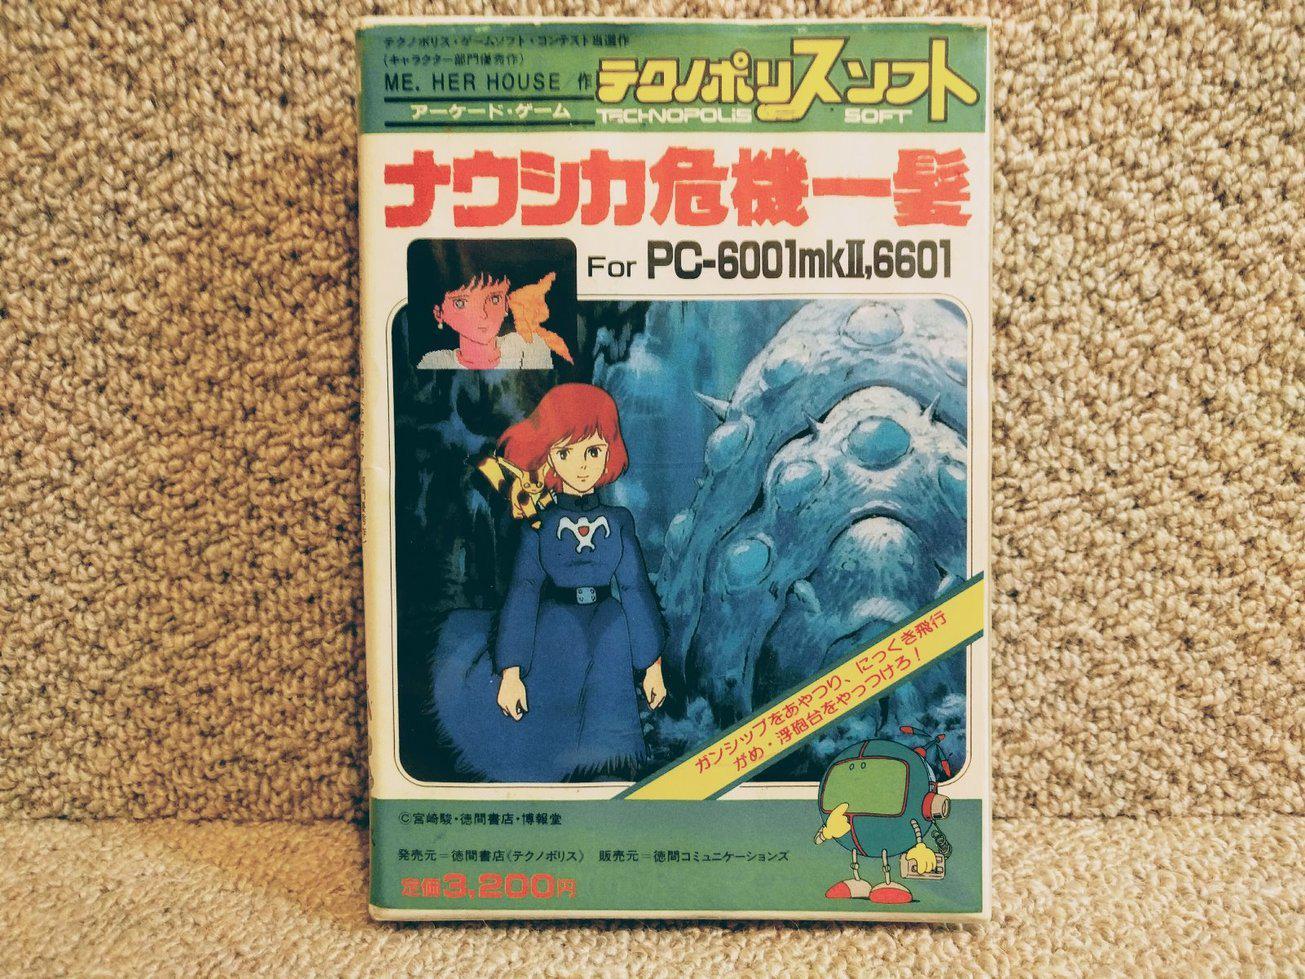 宫崎骏的代表作,却创造了游戏界的一段黑历史